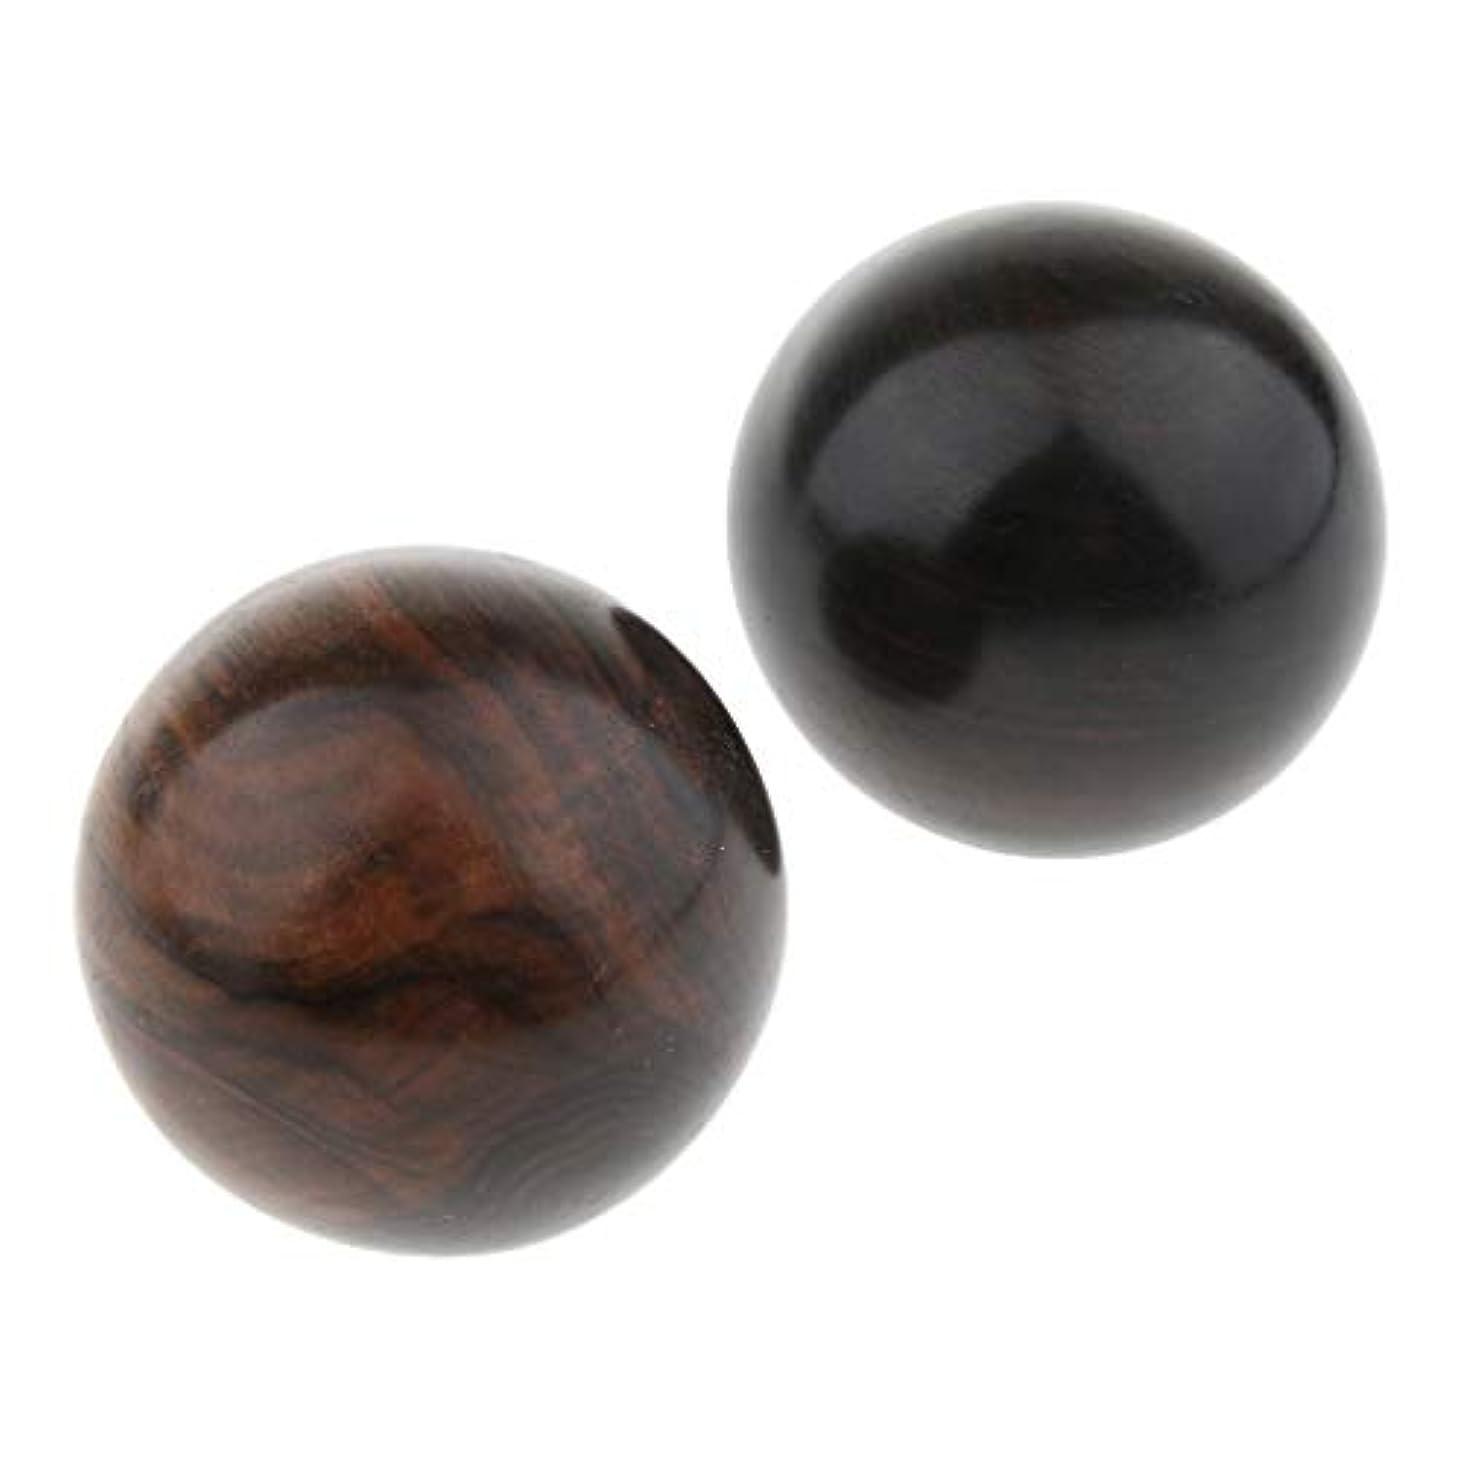 少数すり花弁ハンドボール マッサージボール 木製 ストレス解消 運動 トリガーポイント 2個入